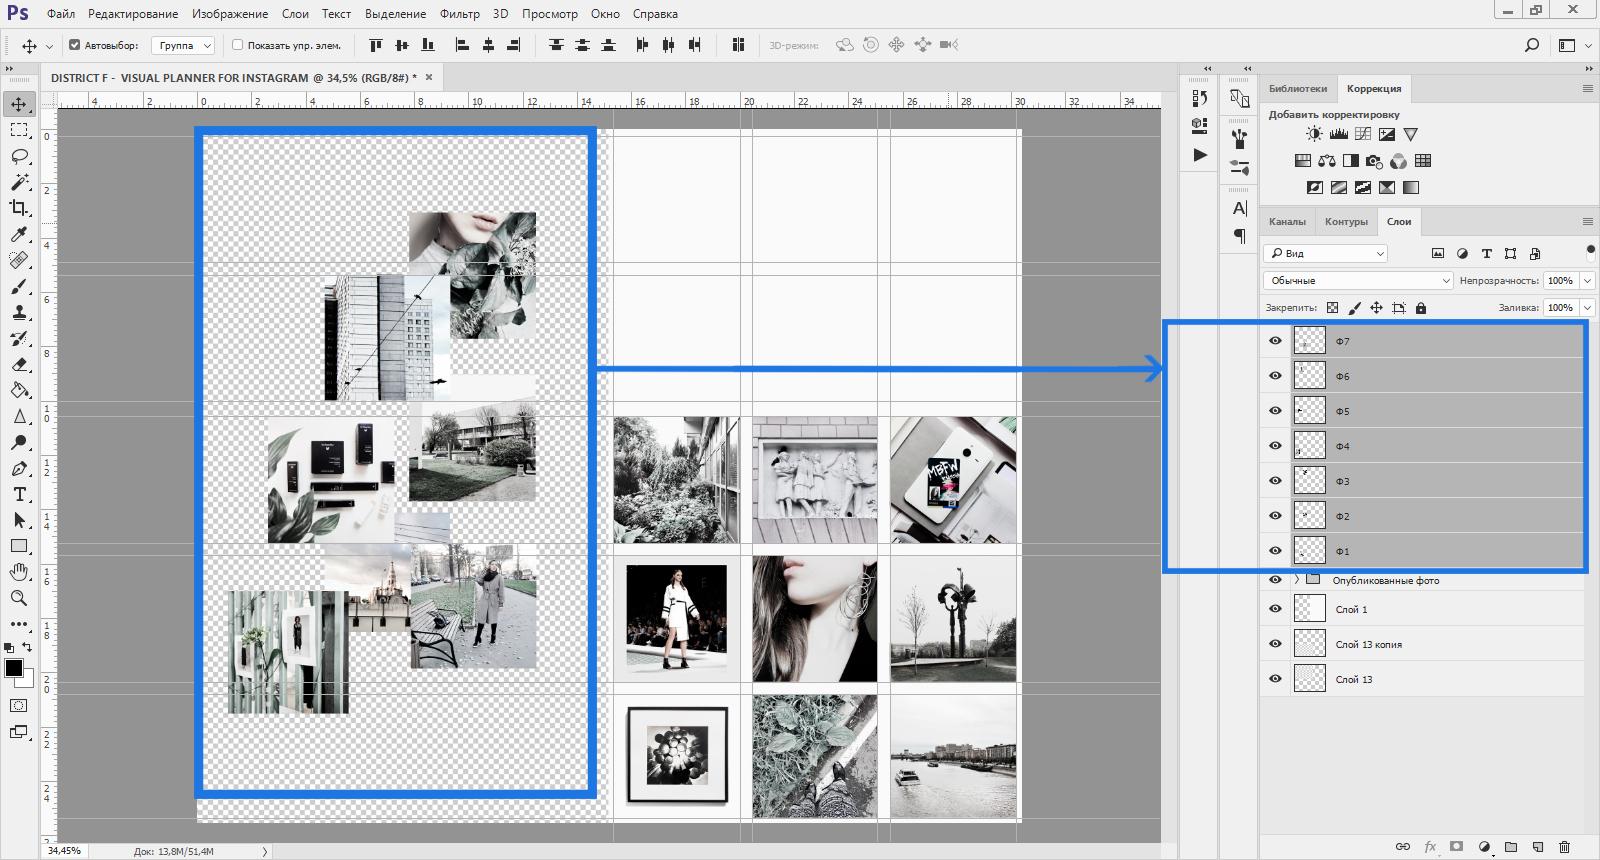 Как сделать визуальную сетку публикаций для Instagram 10ьипп